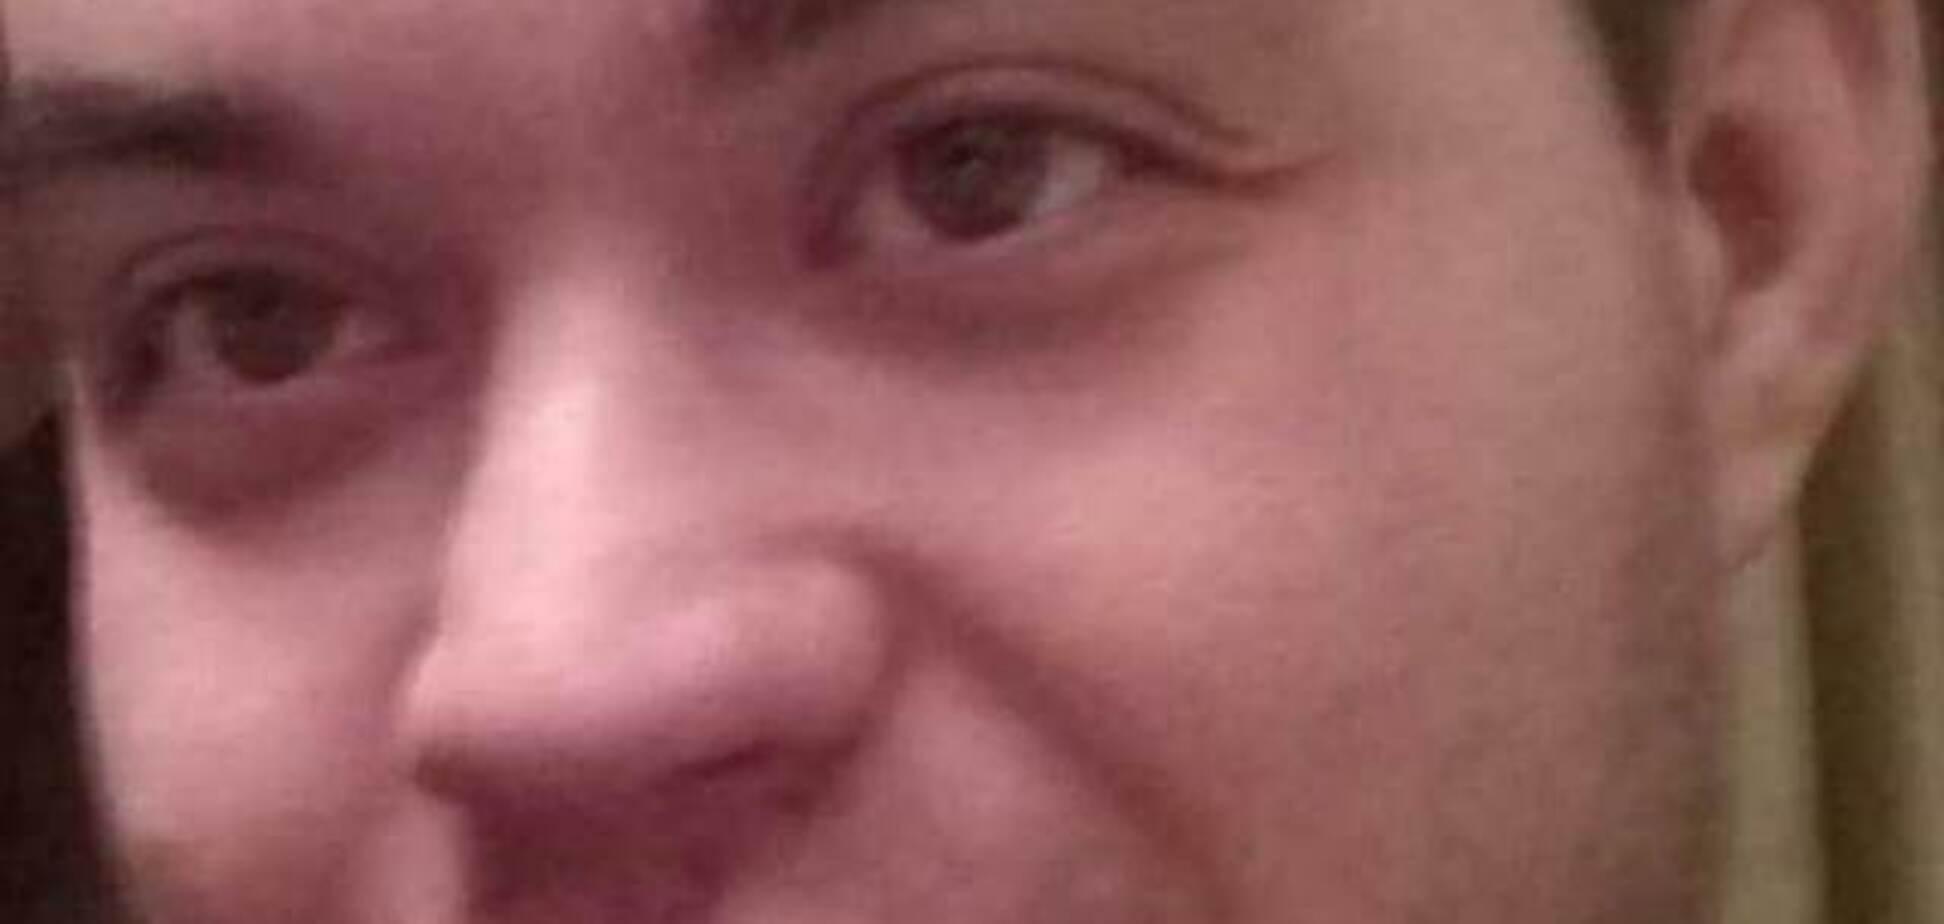 Сів у таксі і загадково зник: у Києві розшукують чоловіка